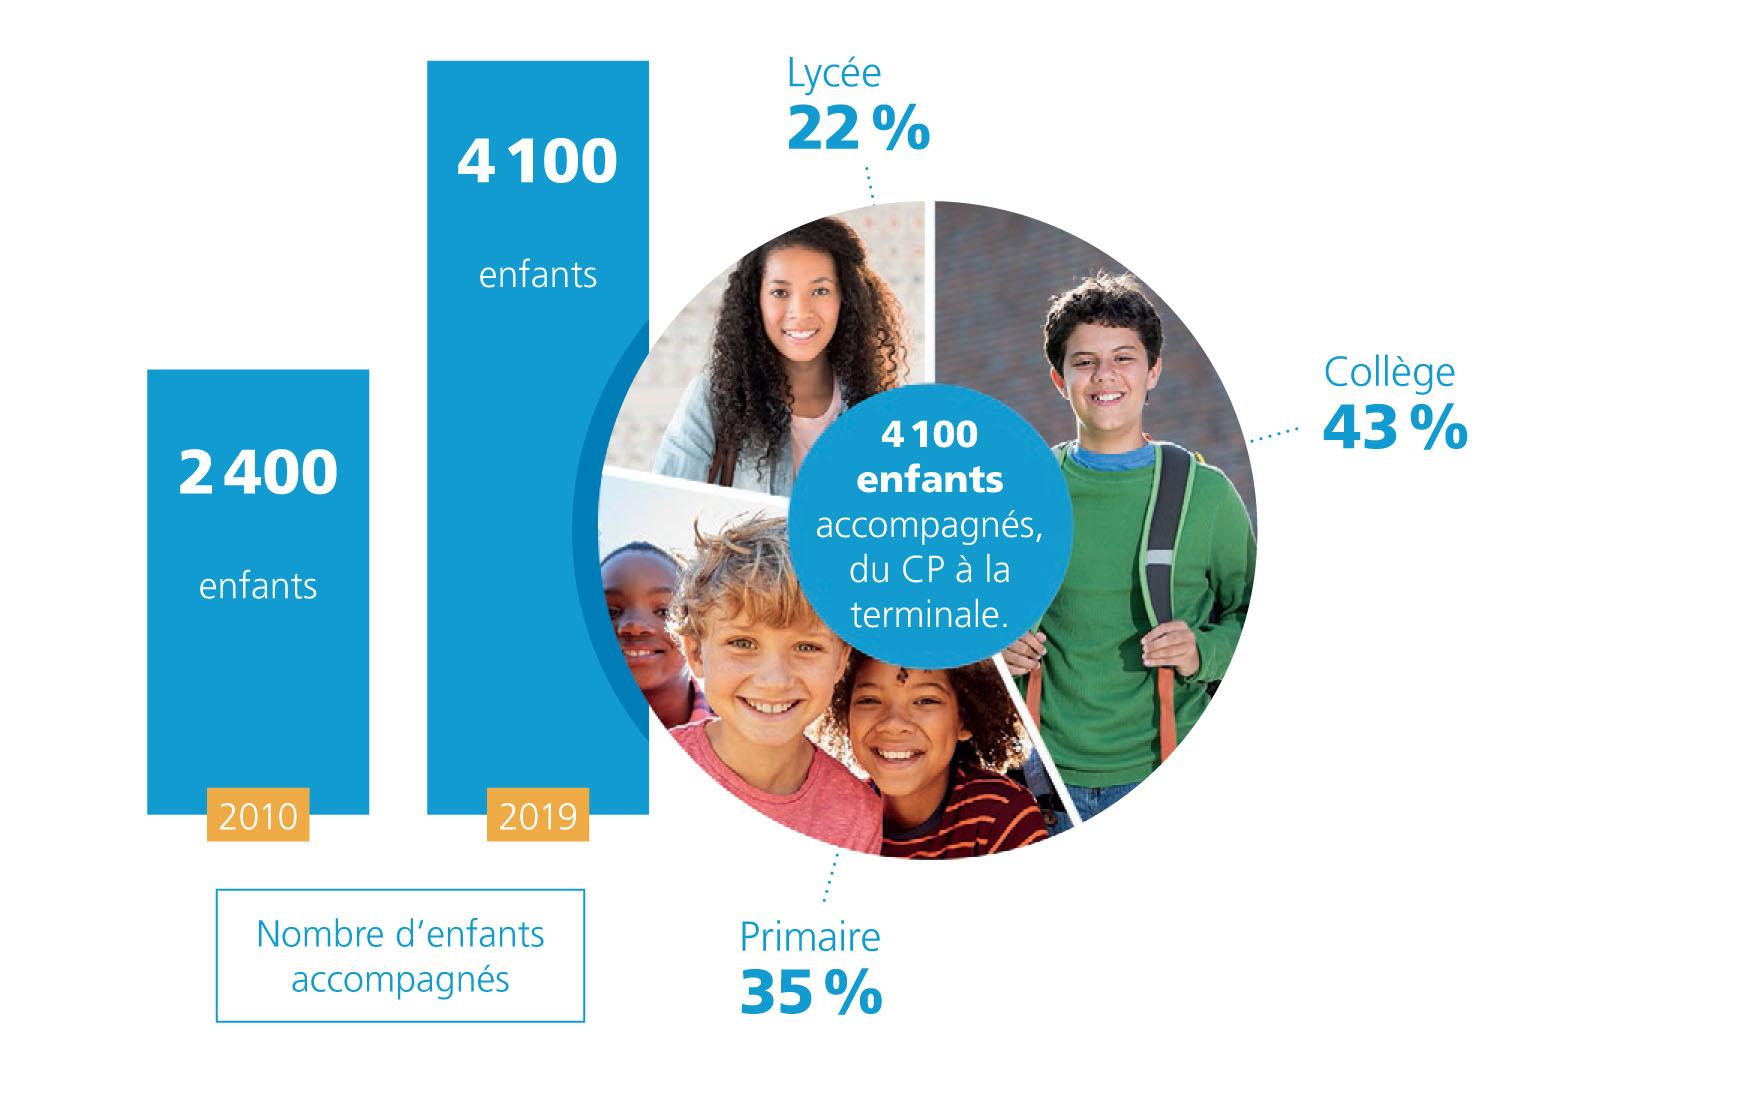 Graphique - Nombre d'enfants accompagnés par l'ESA en 2018-2019